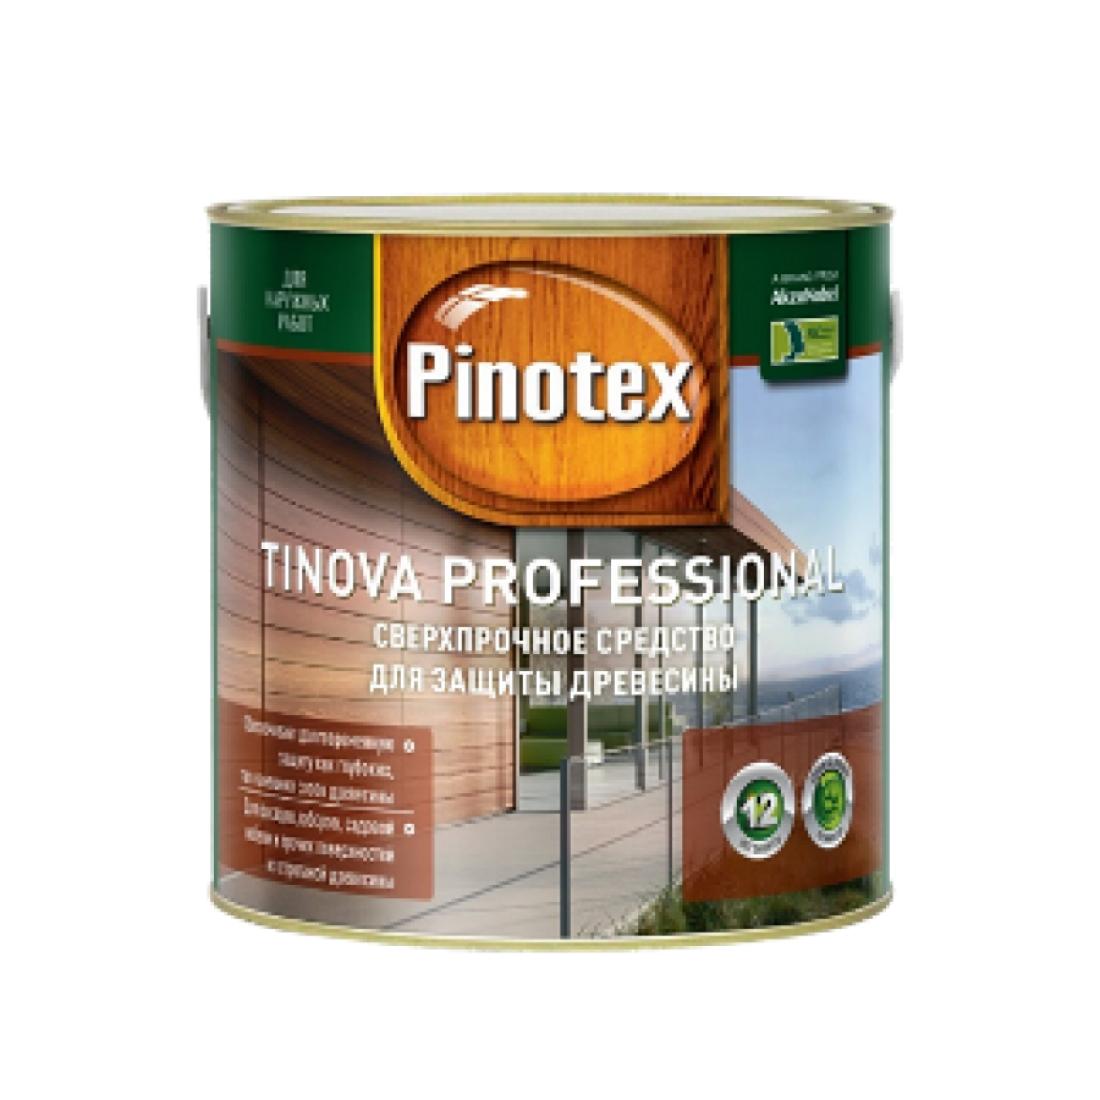 PINOTEX TINOVA цветной антисептик для профессиональной защиты, гарантия 12 лет! (0,75 л) Палисандр